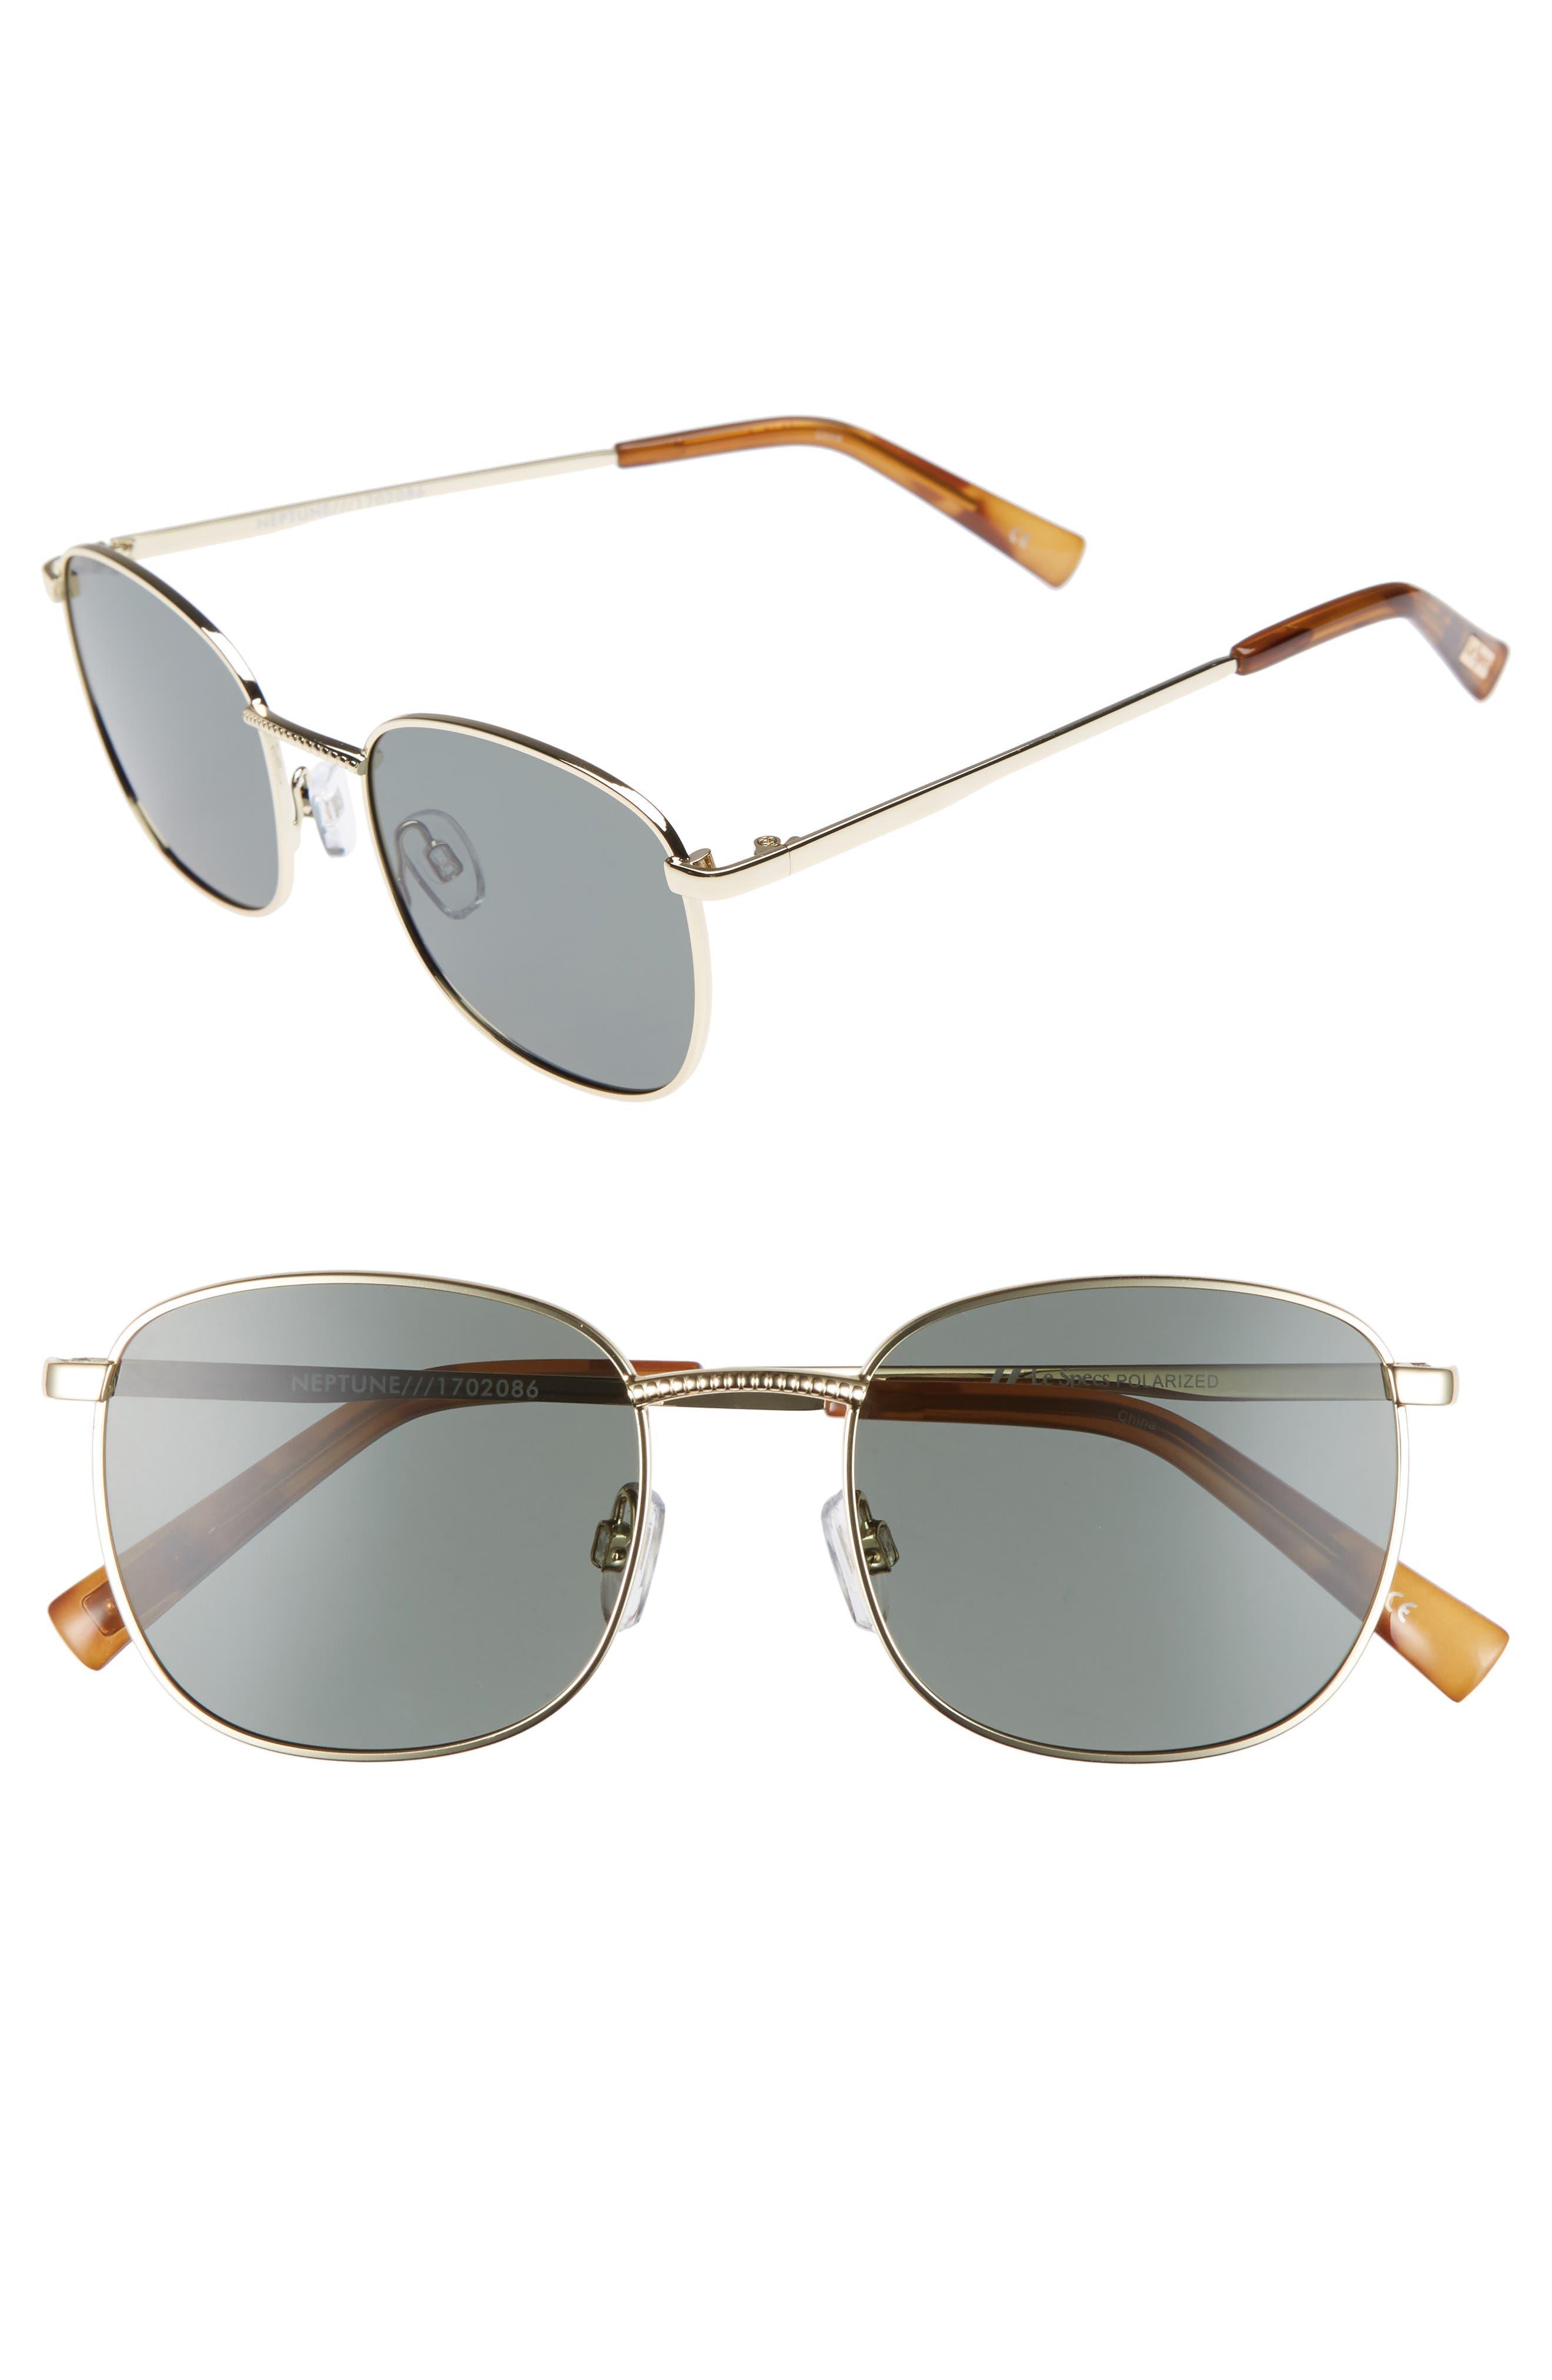 Le Specs Neptune 4m Sunglasses - Bright Gold